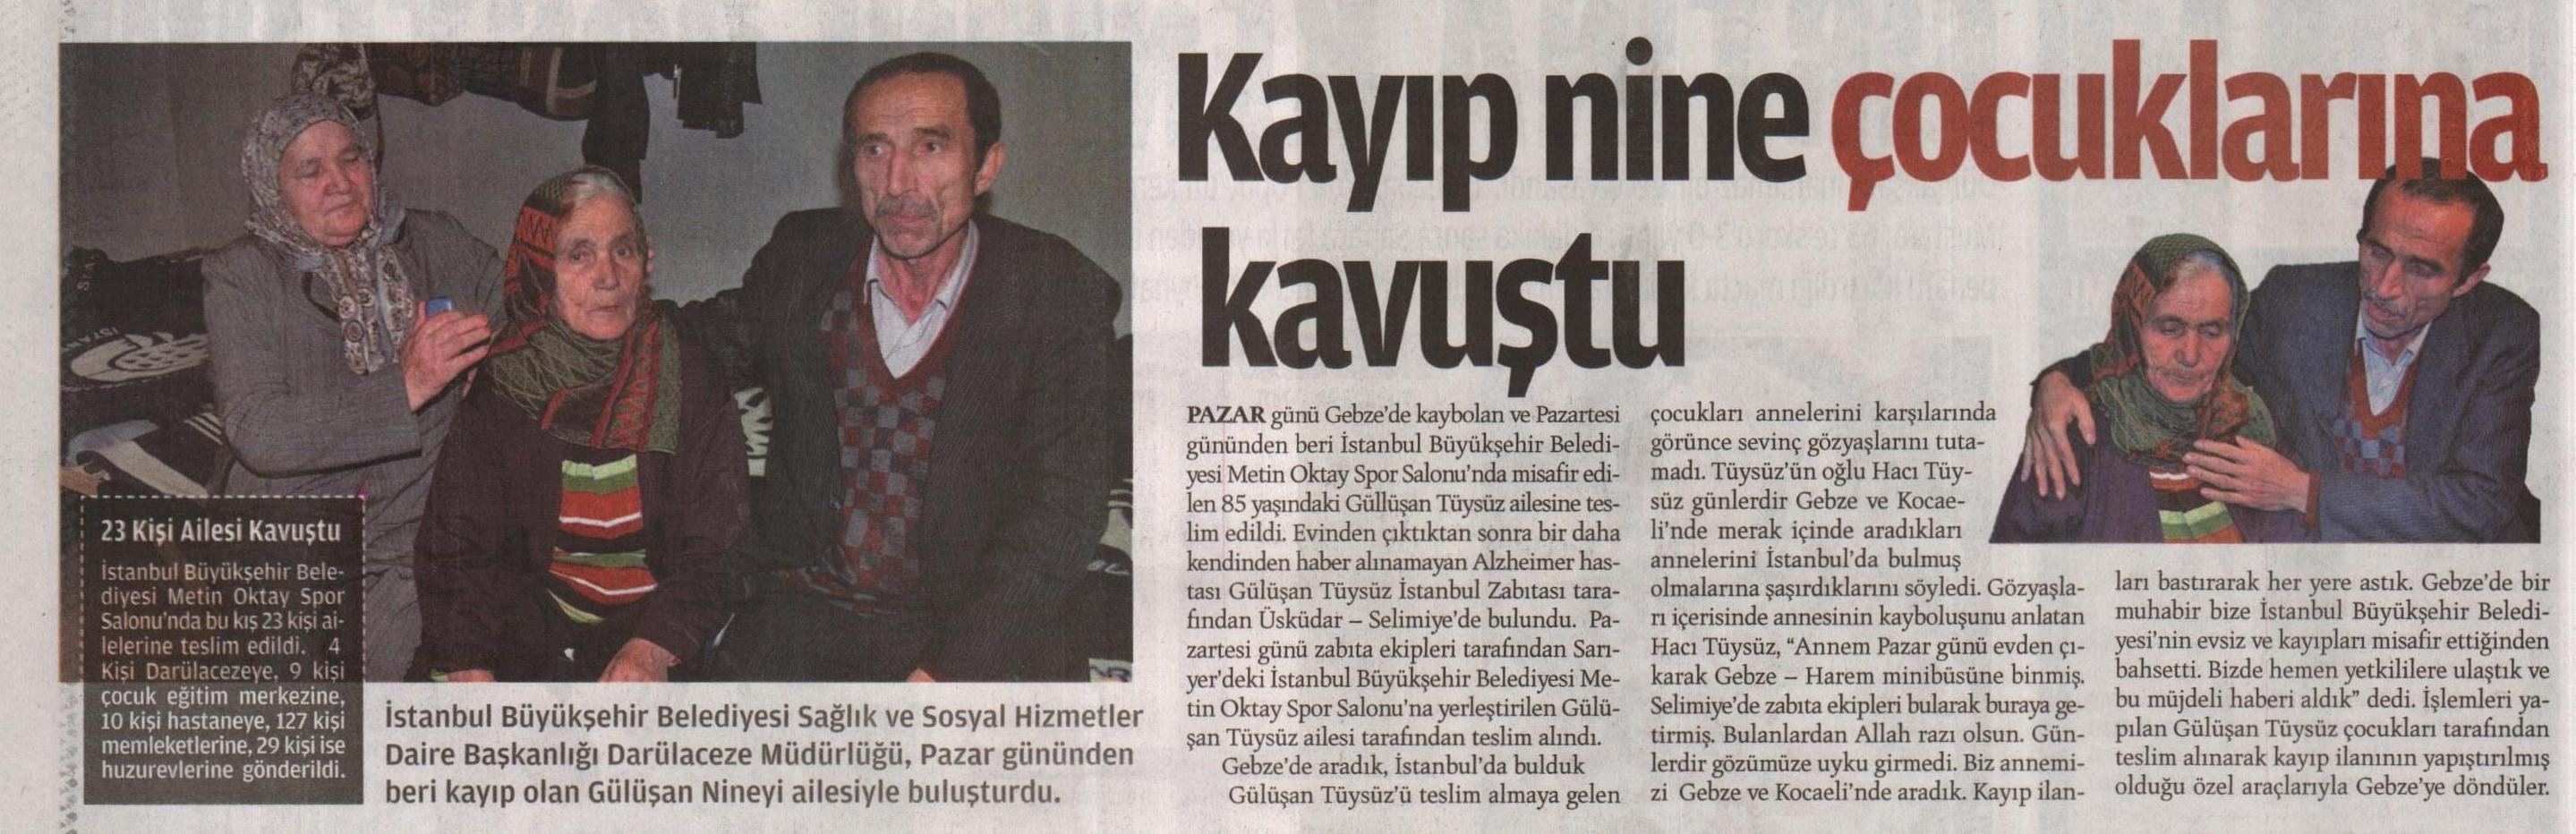 11.02.2012_milat_kayıpnine